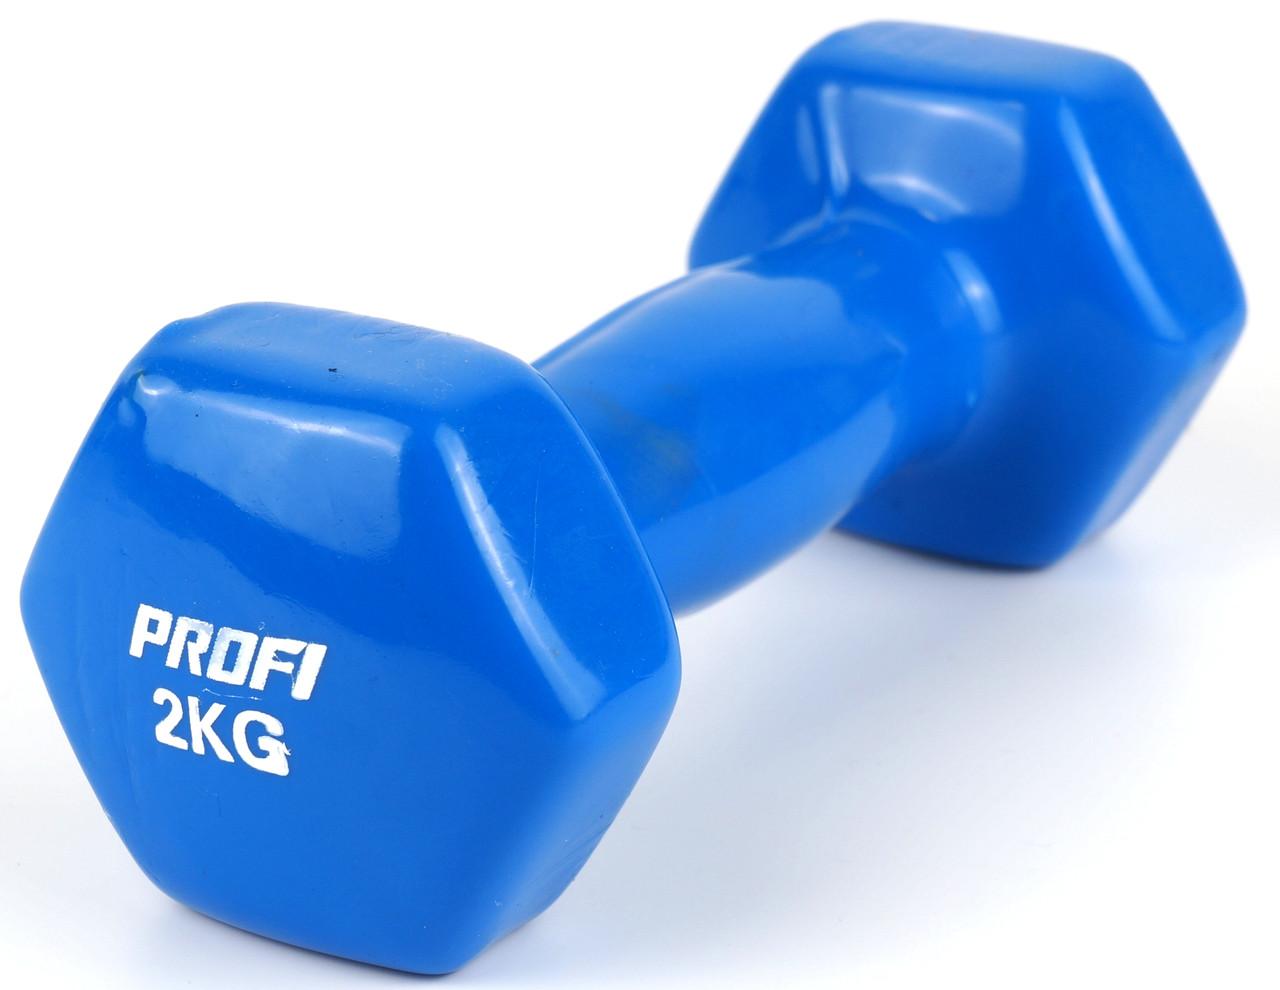 Гантель Profi 2 кг с виниловым покрытием (Синий)